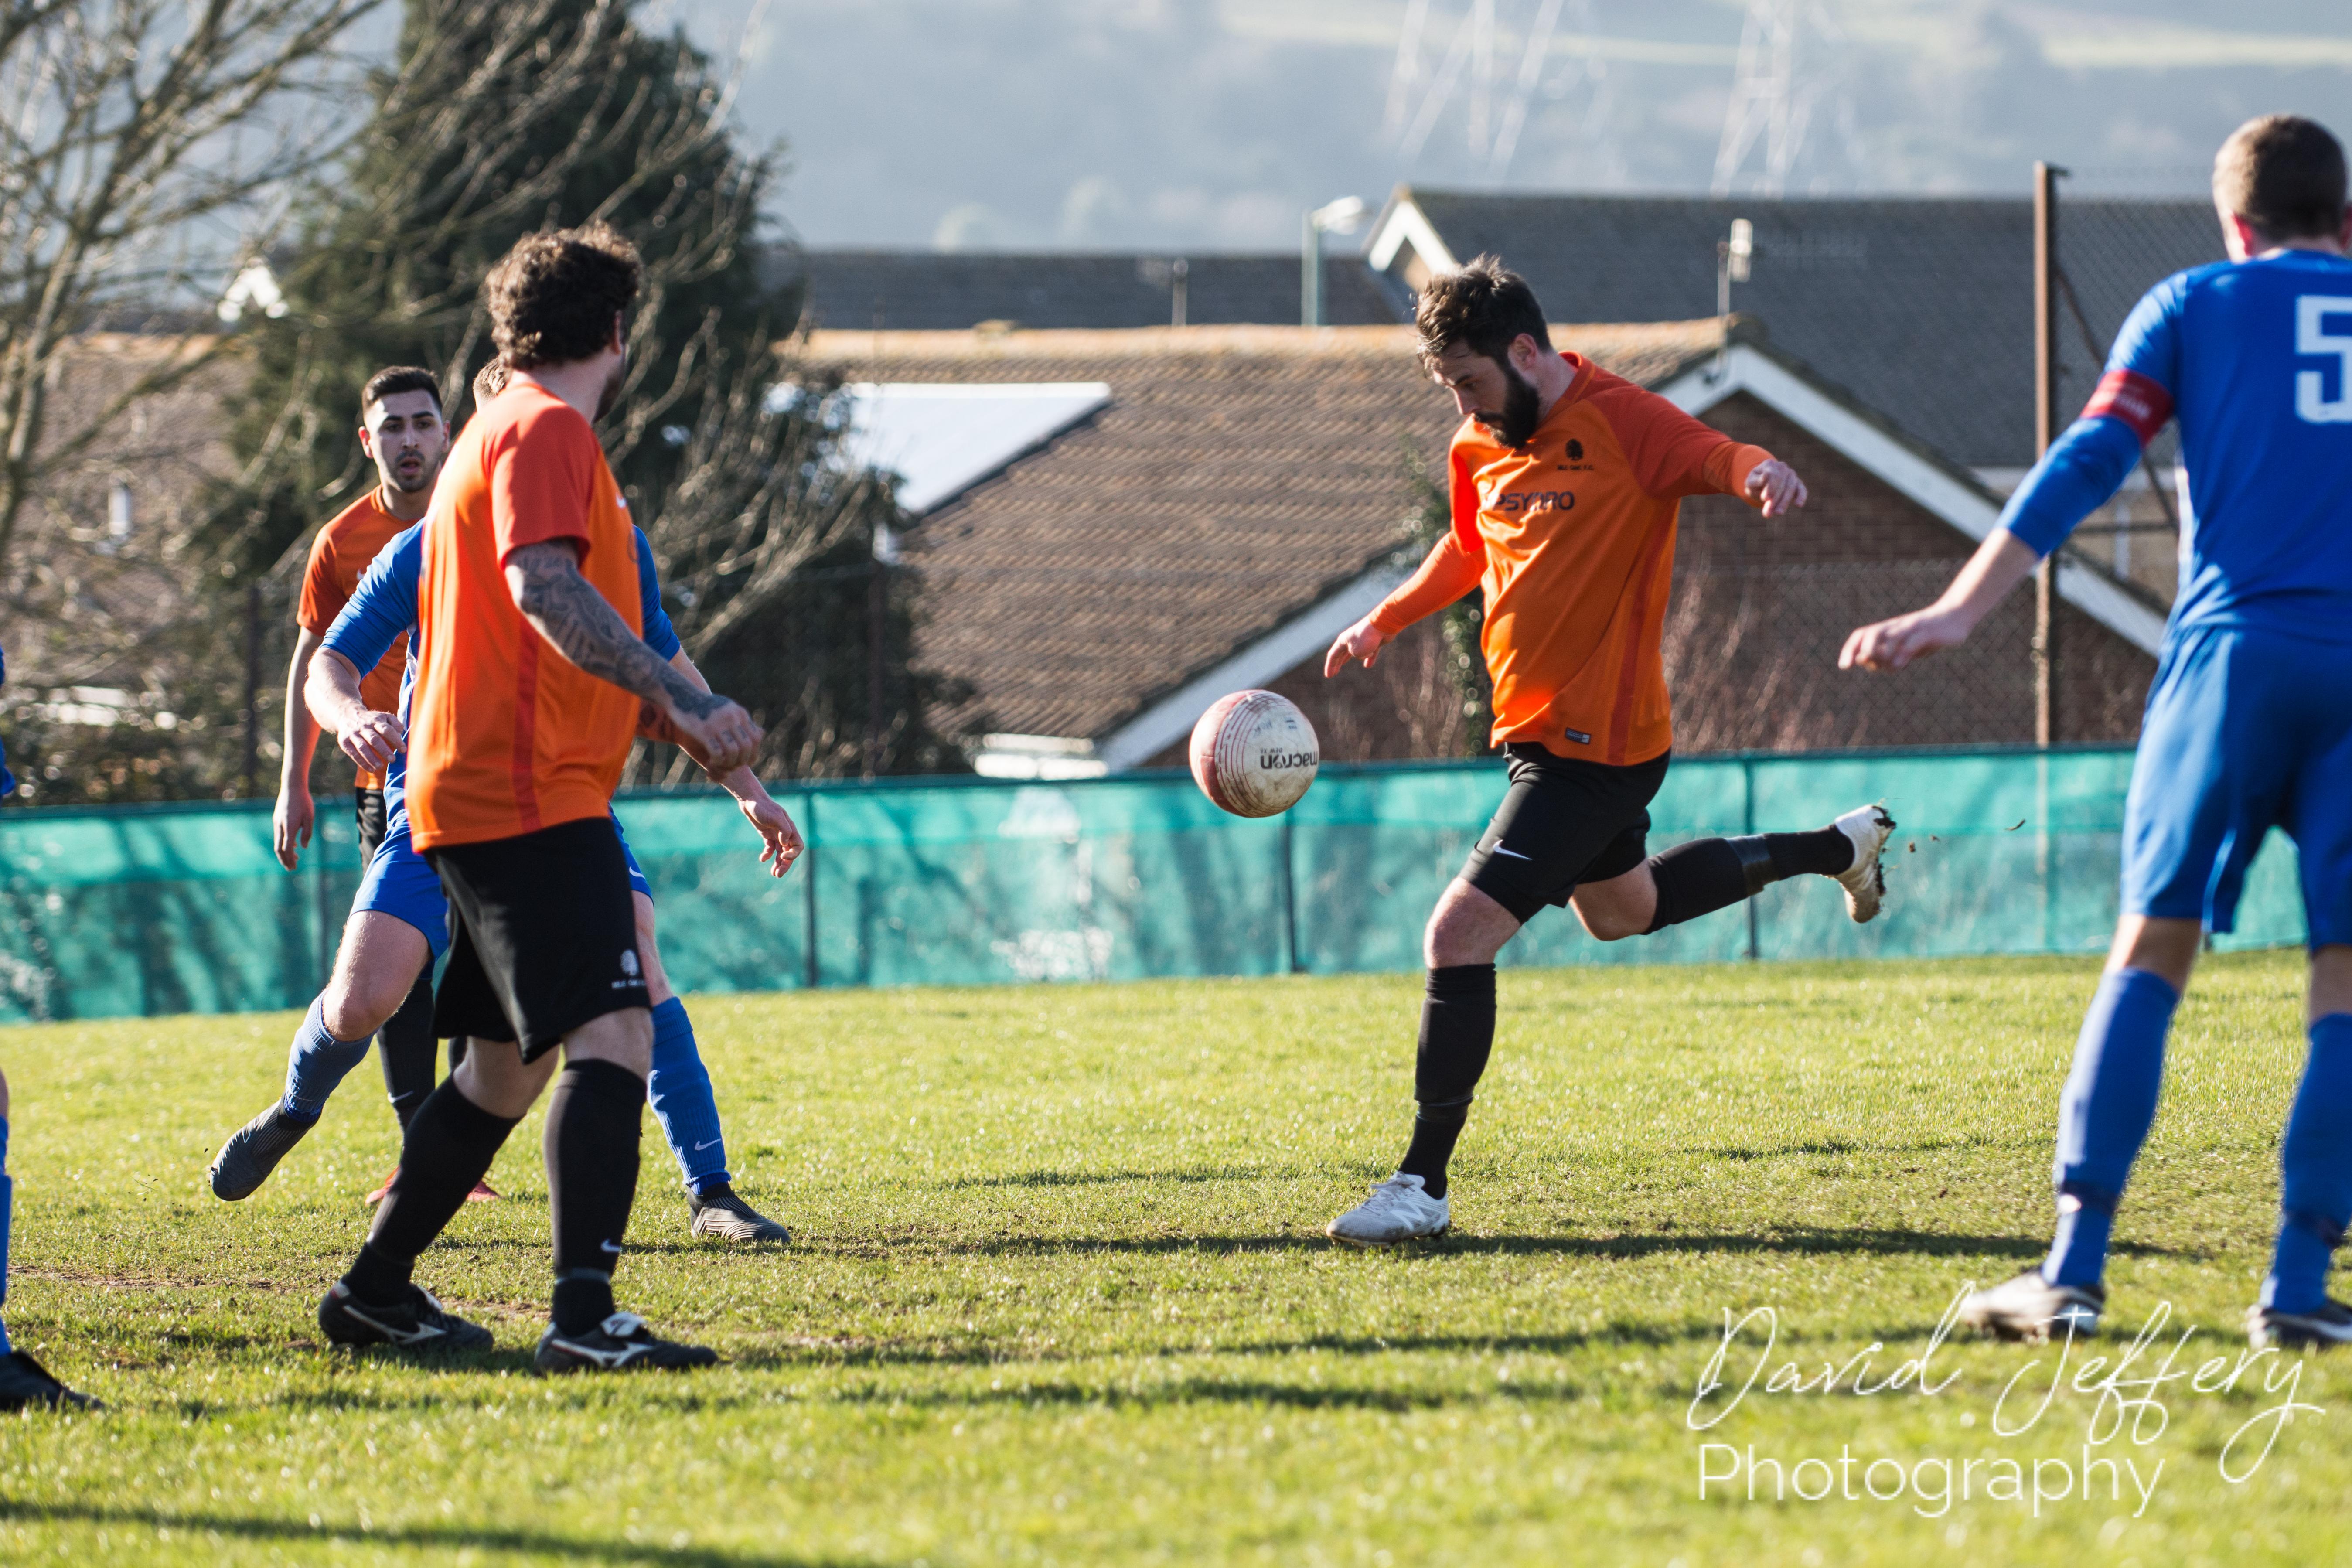 DAVID_JEFFERY MOFC vs Storrington 018